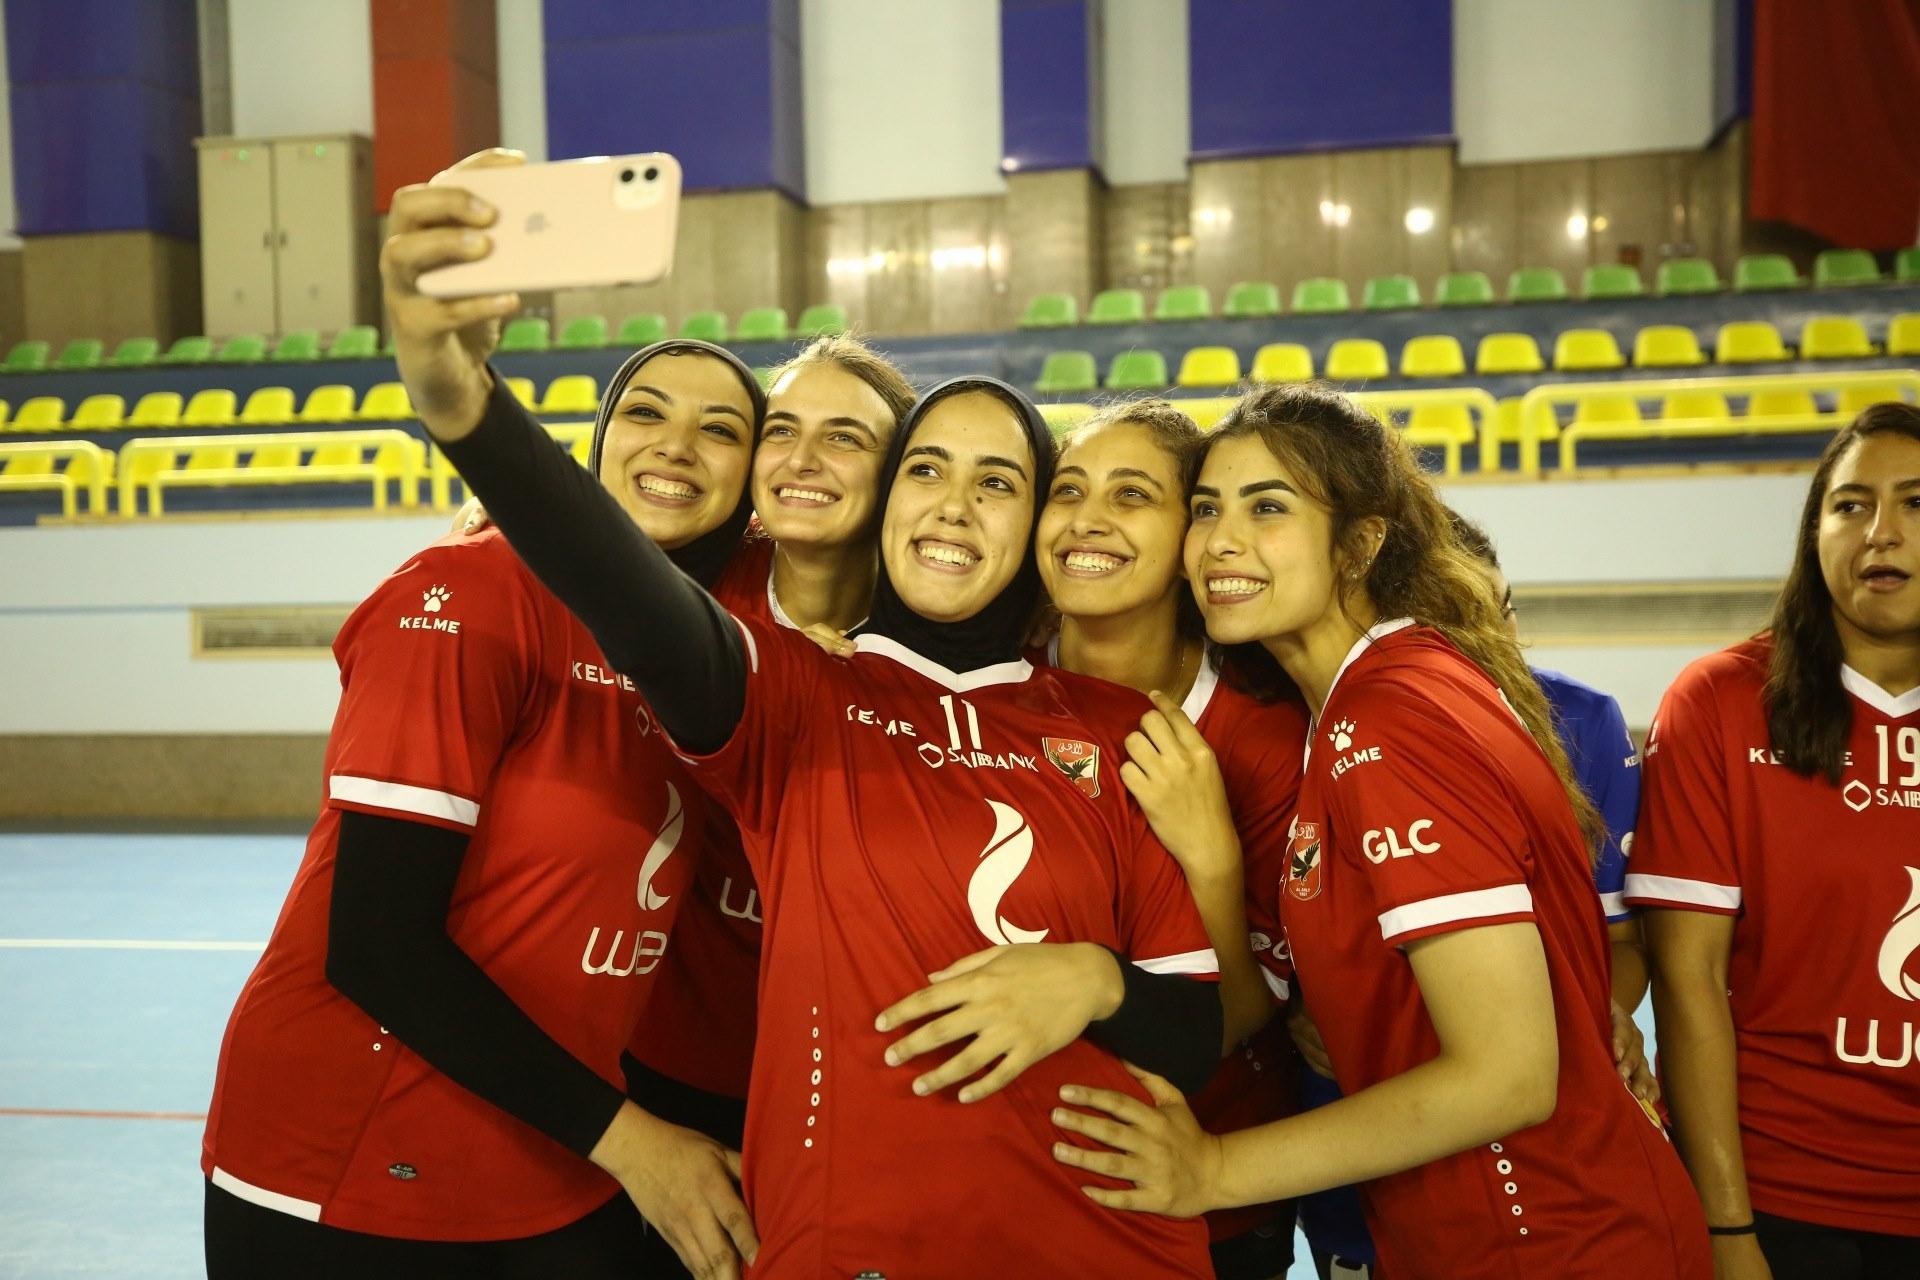 سيدات الكرة الطائرة  في الاهلي بعد الفوز بكأس مصر